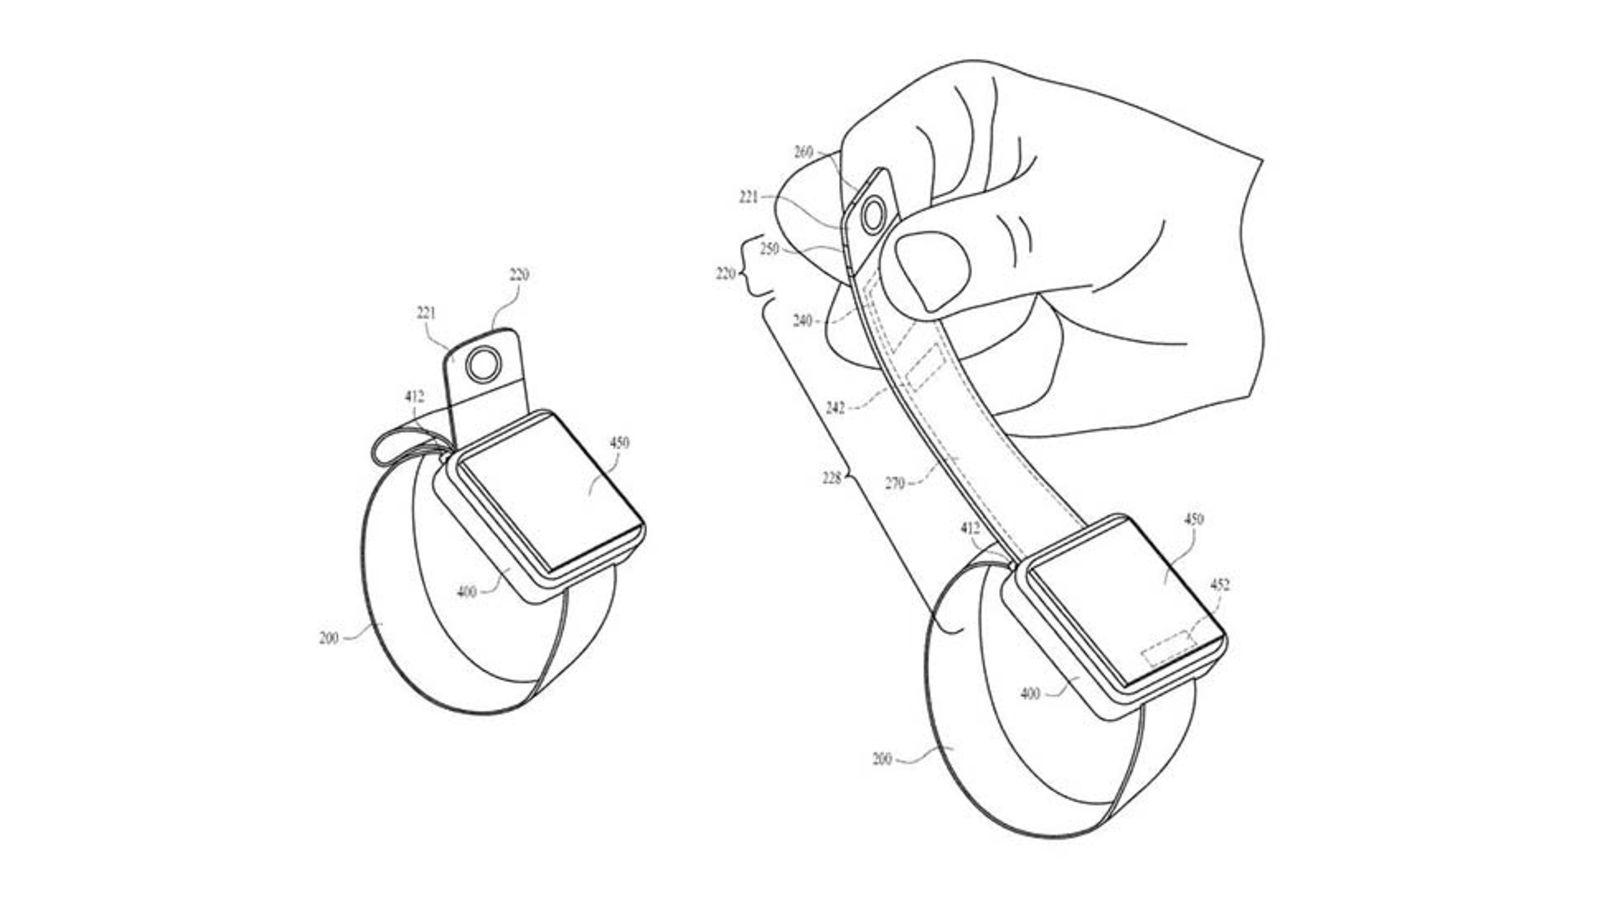 Apple、内蔵したカメラを引き出せるAppleWatch向けバンドの特許を取得!